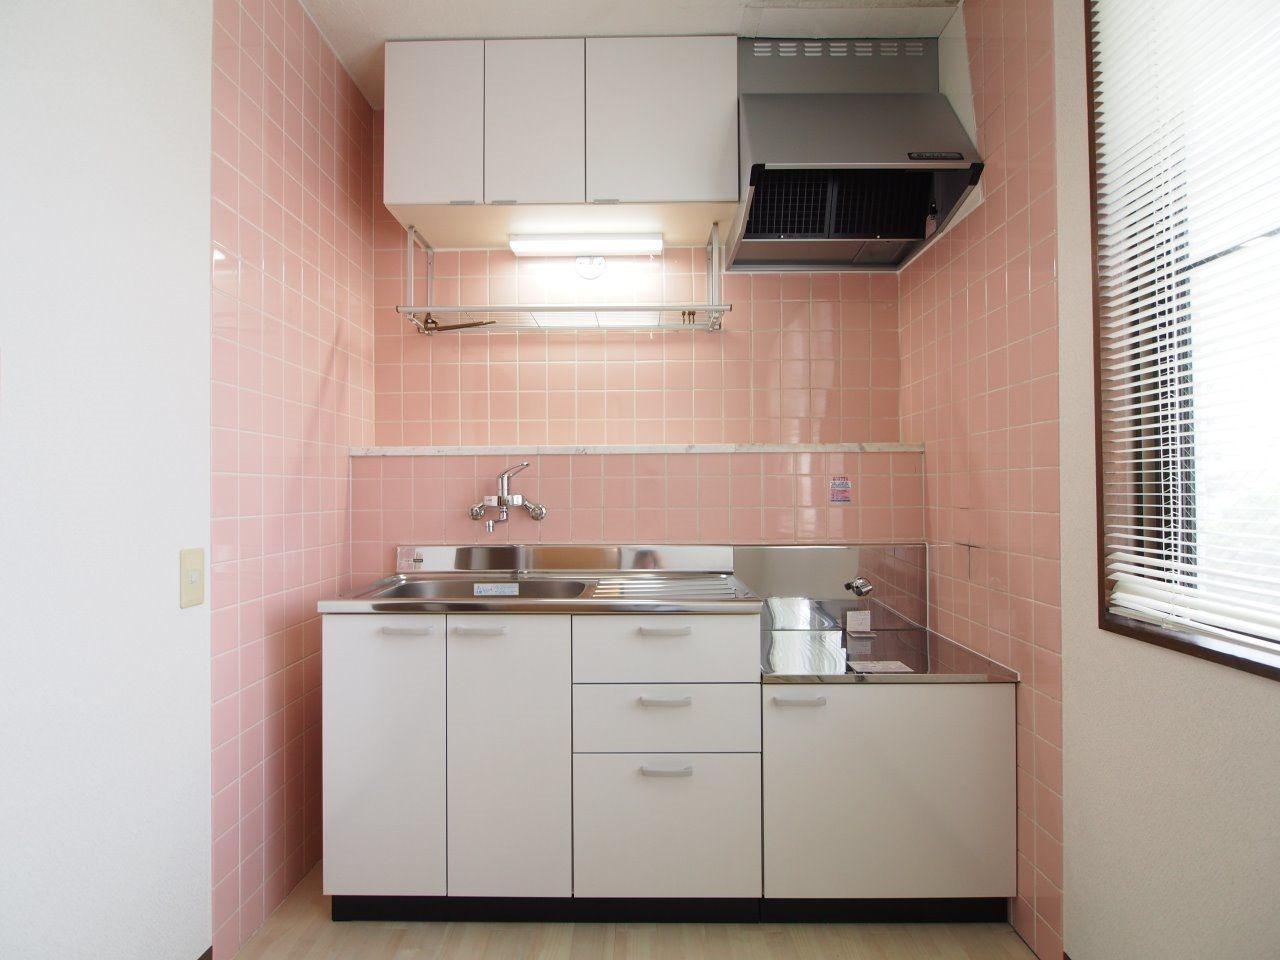 レンジフードのある、2口ガスコンロ対応キッチン